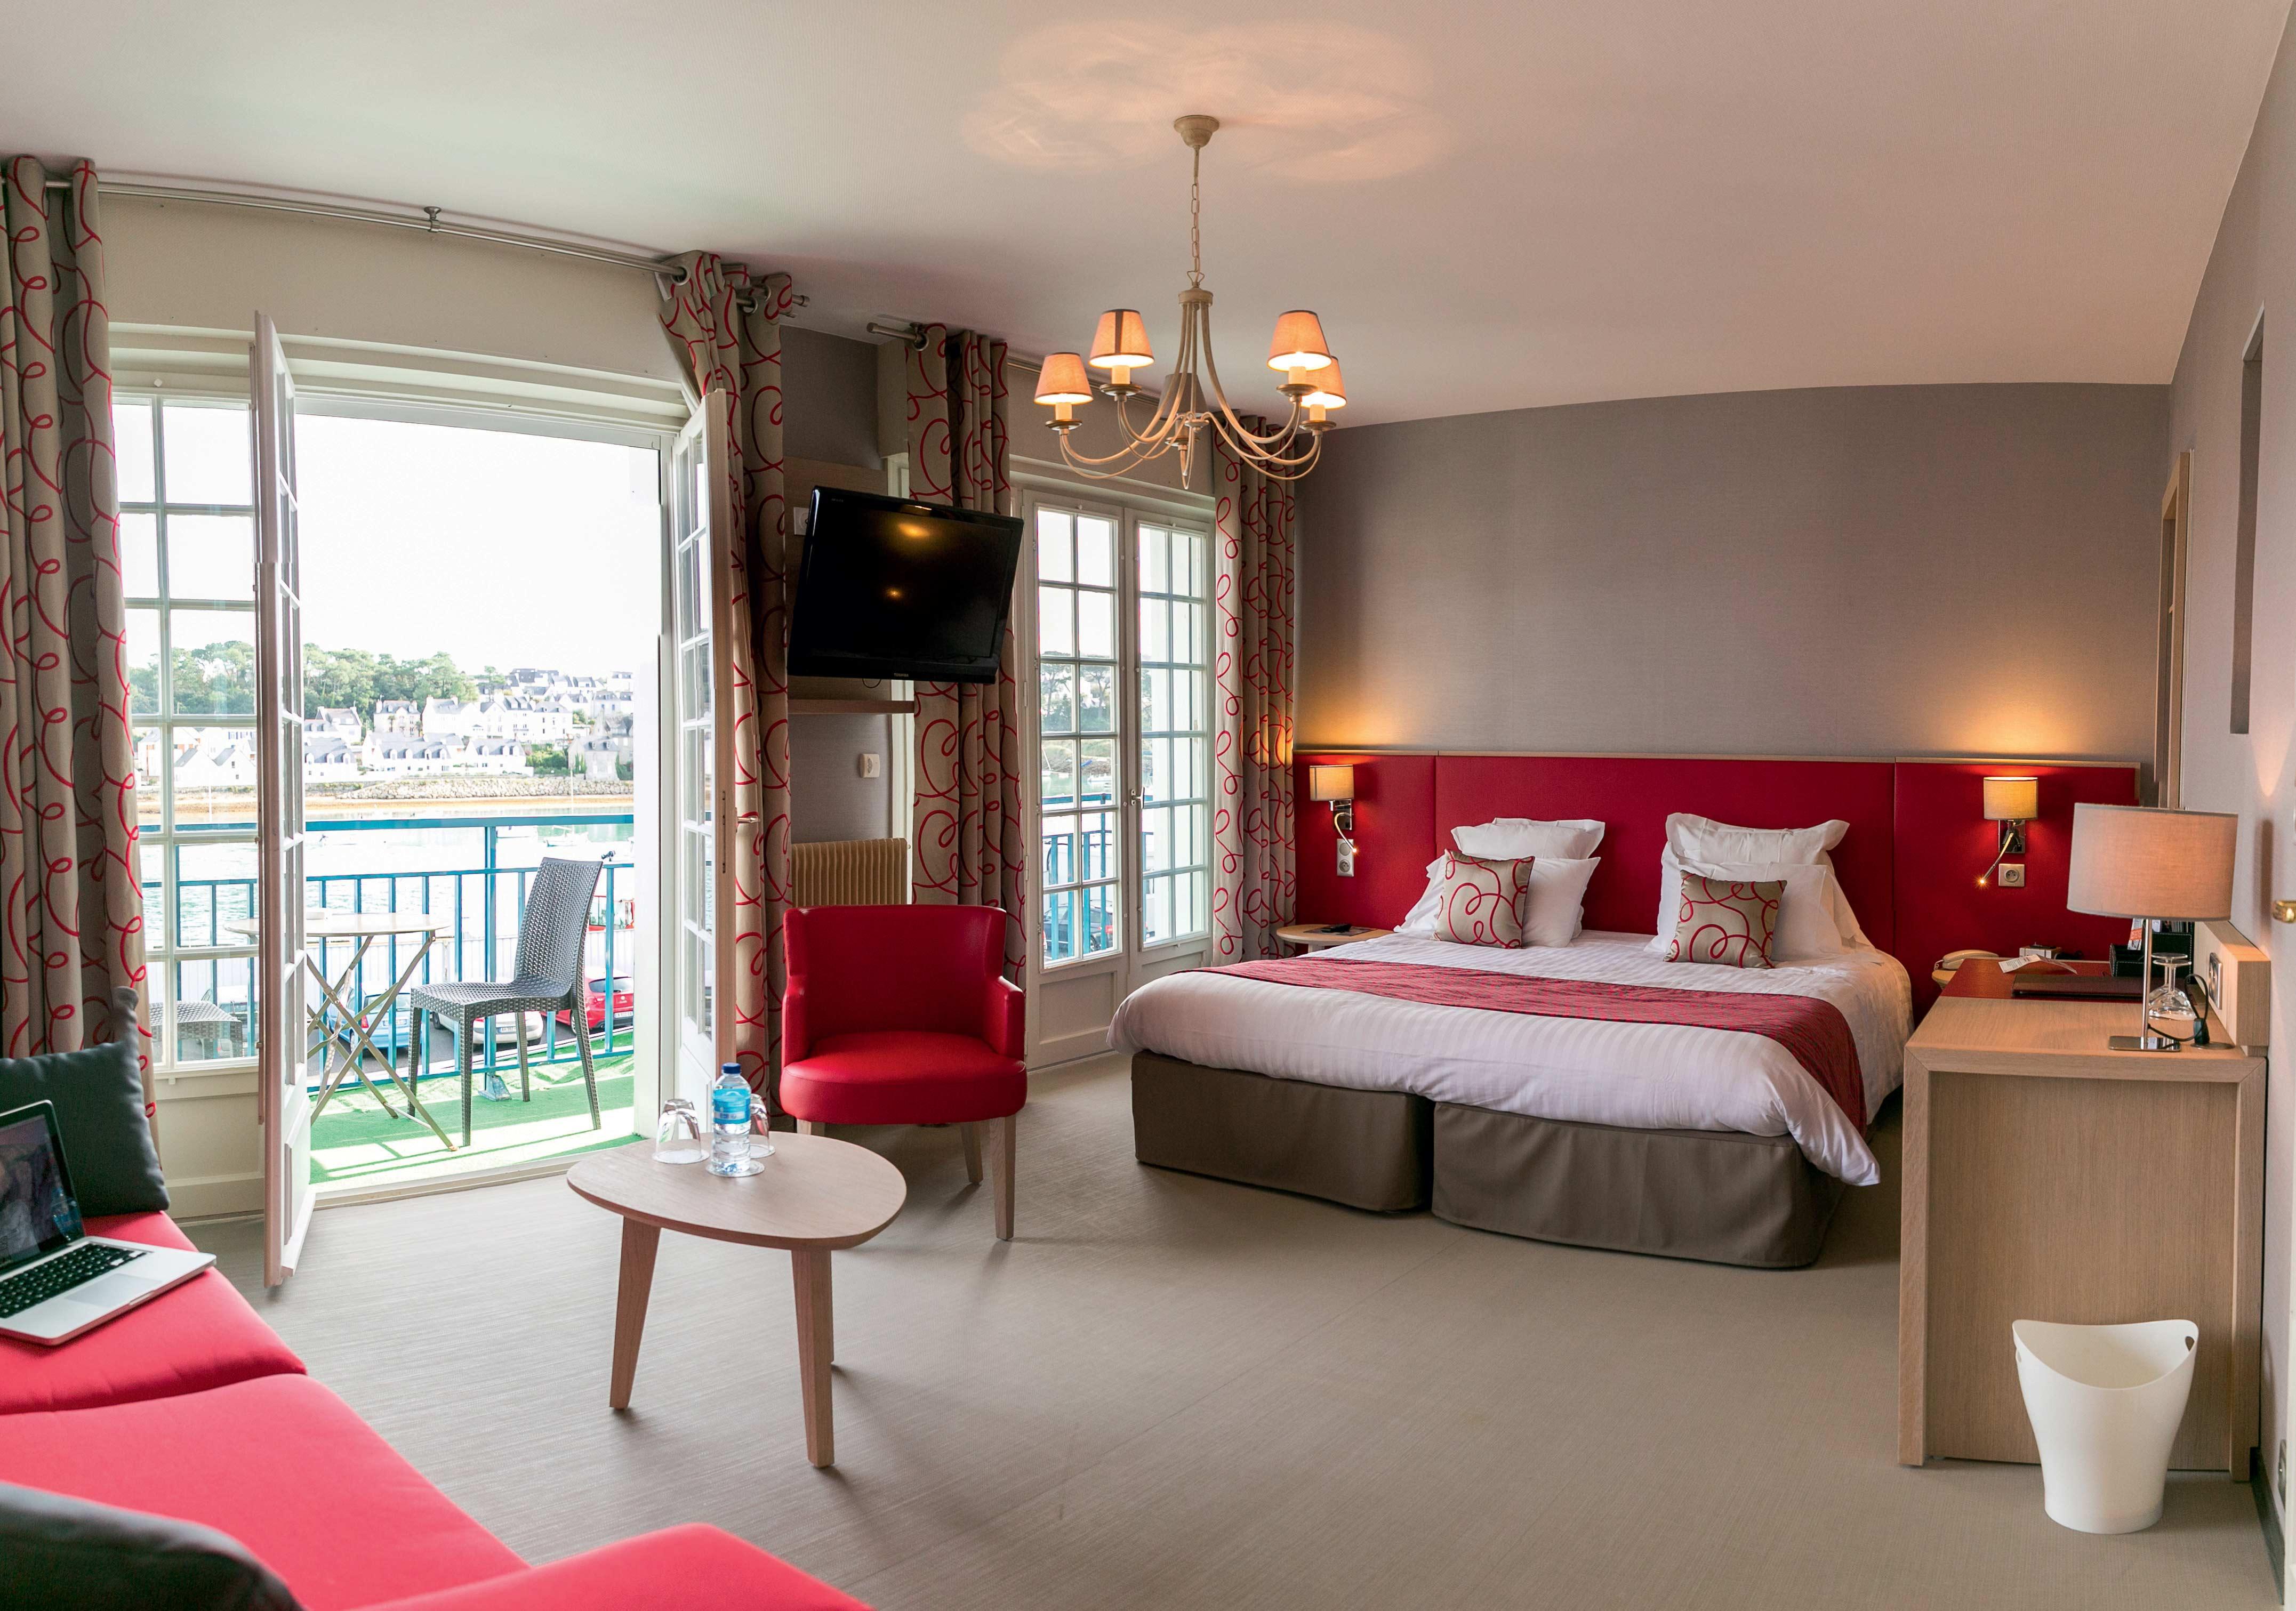 chambre lit double décoration blanche et rouge